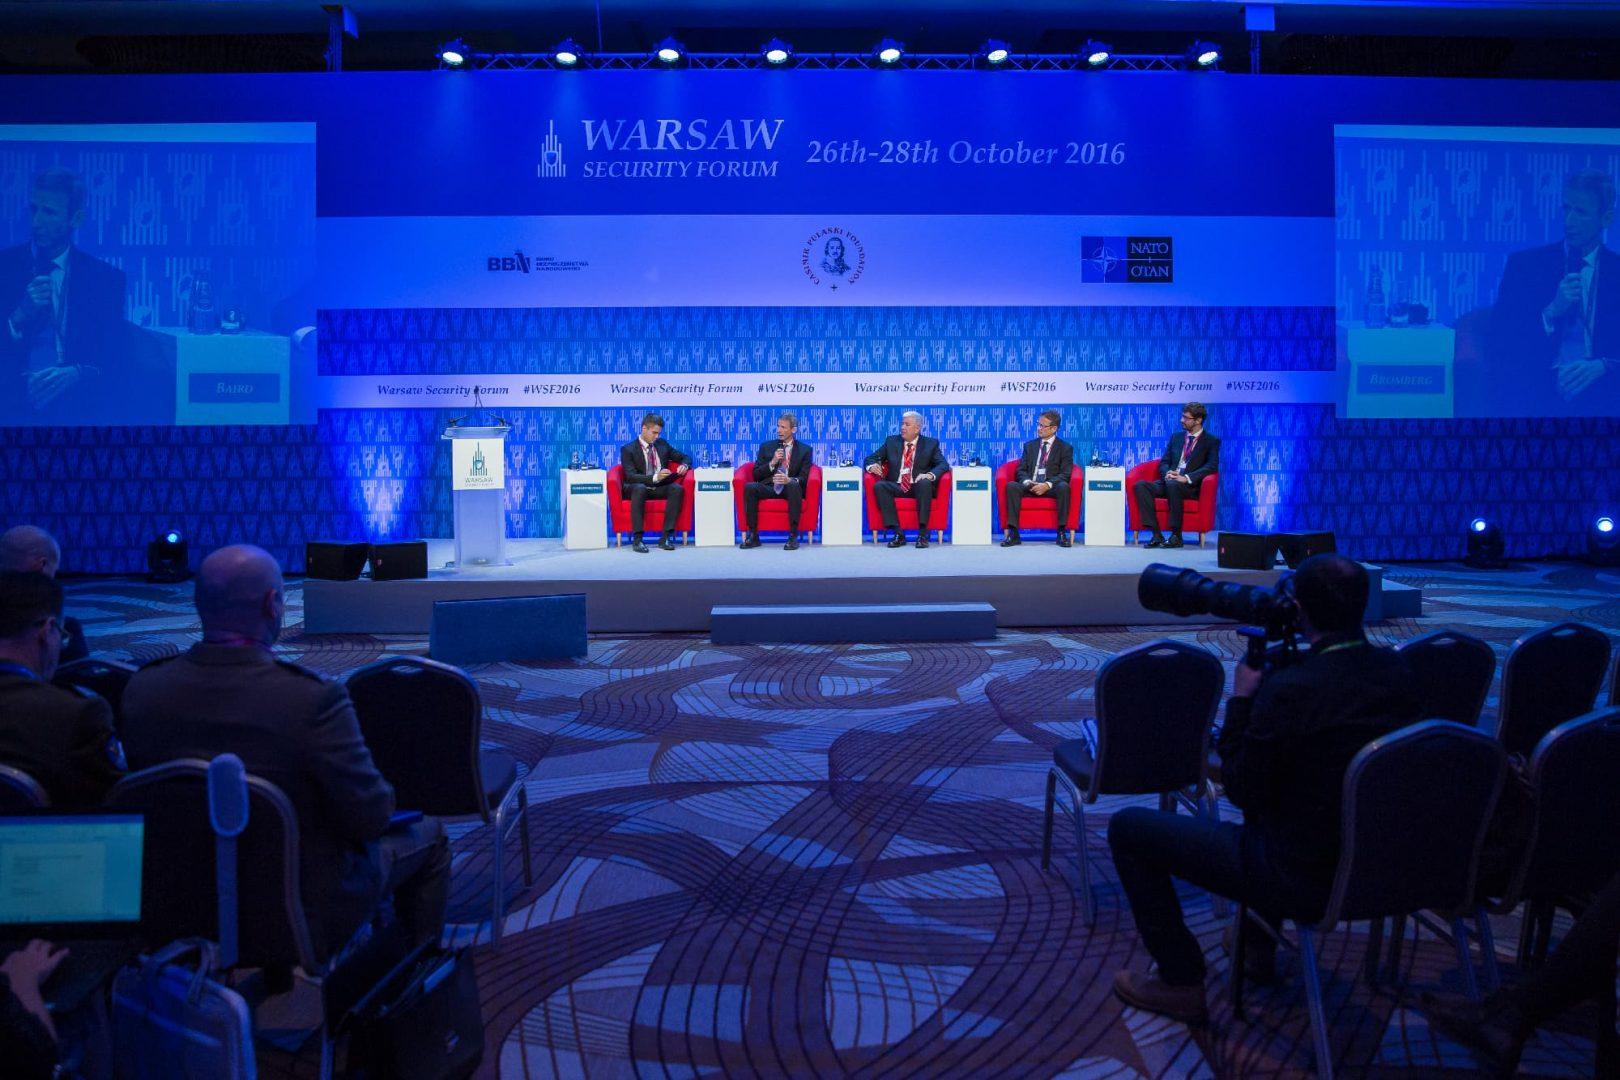 Najnowsze technologie wojskowe iprzemysł zbrojeniowy naWarsaw Security Forum 2016